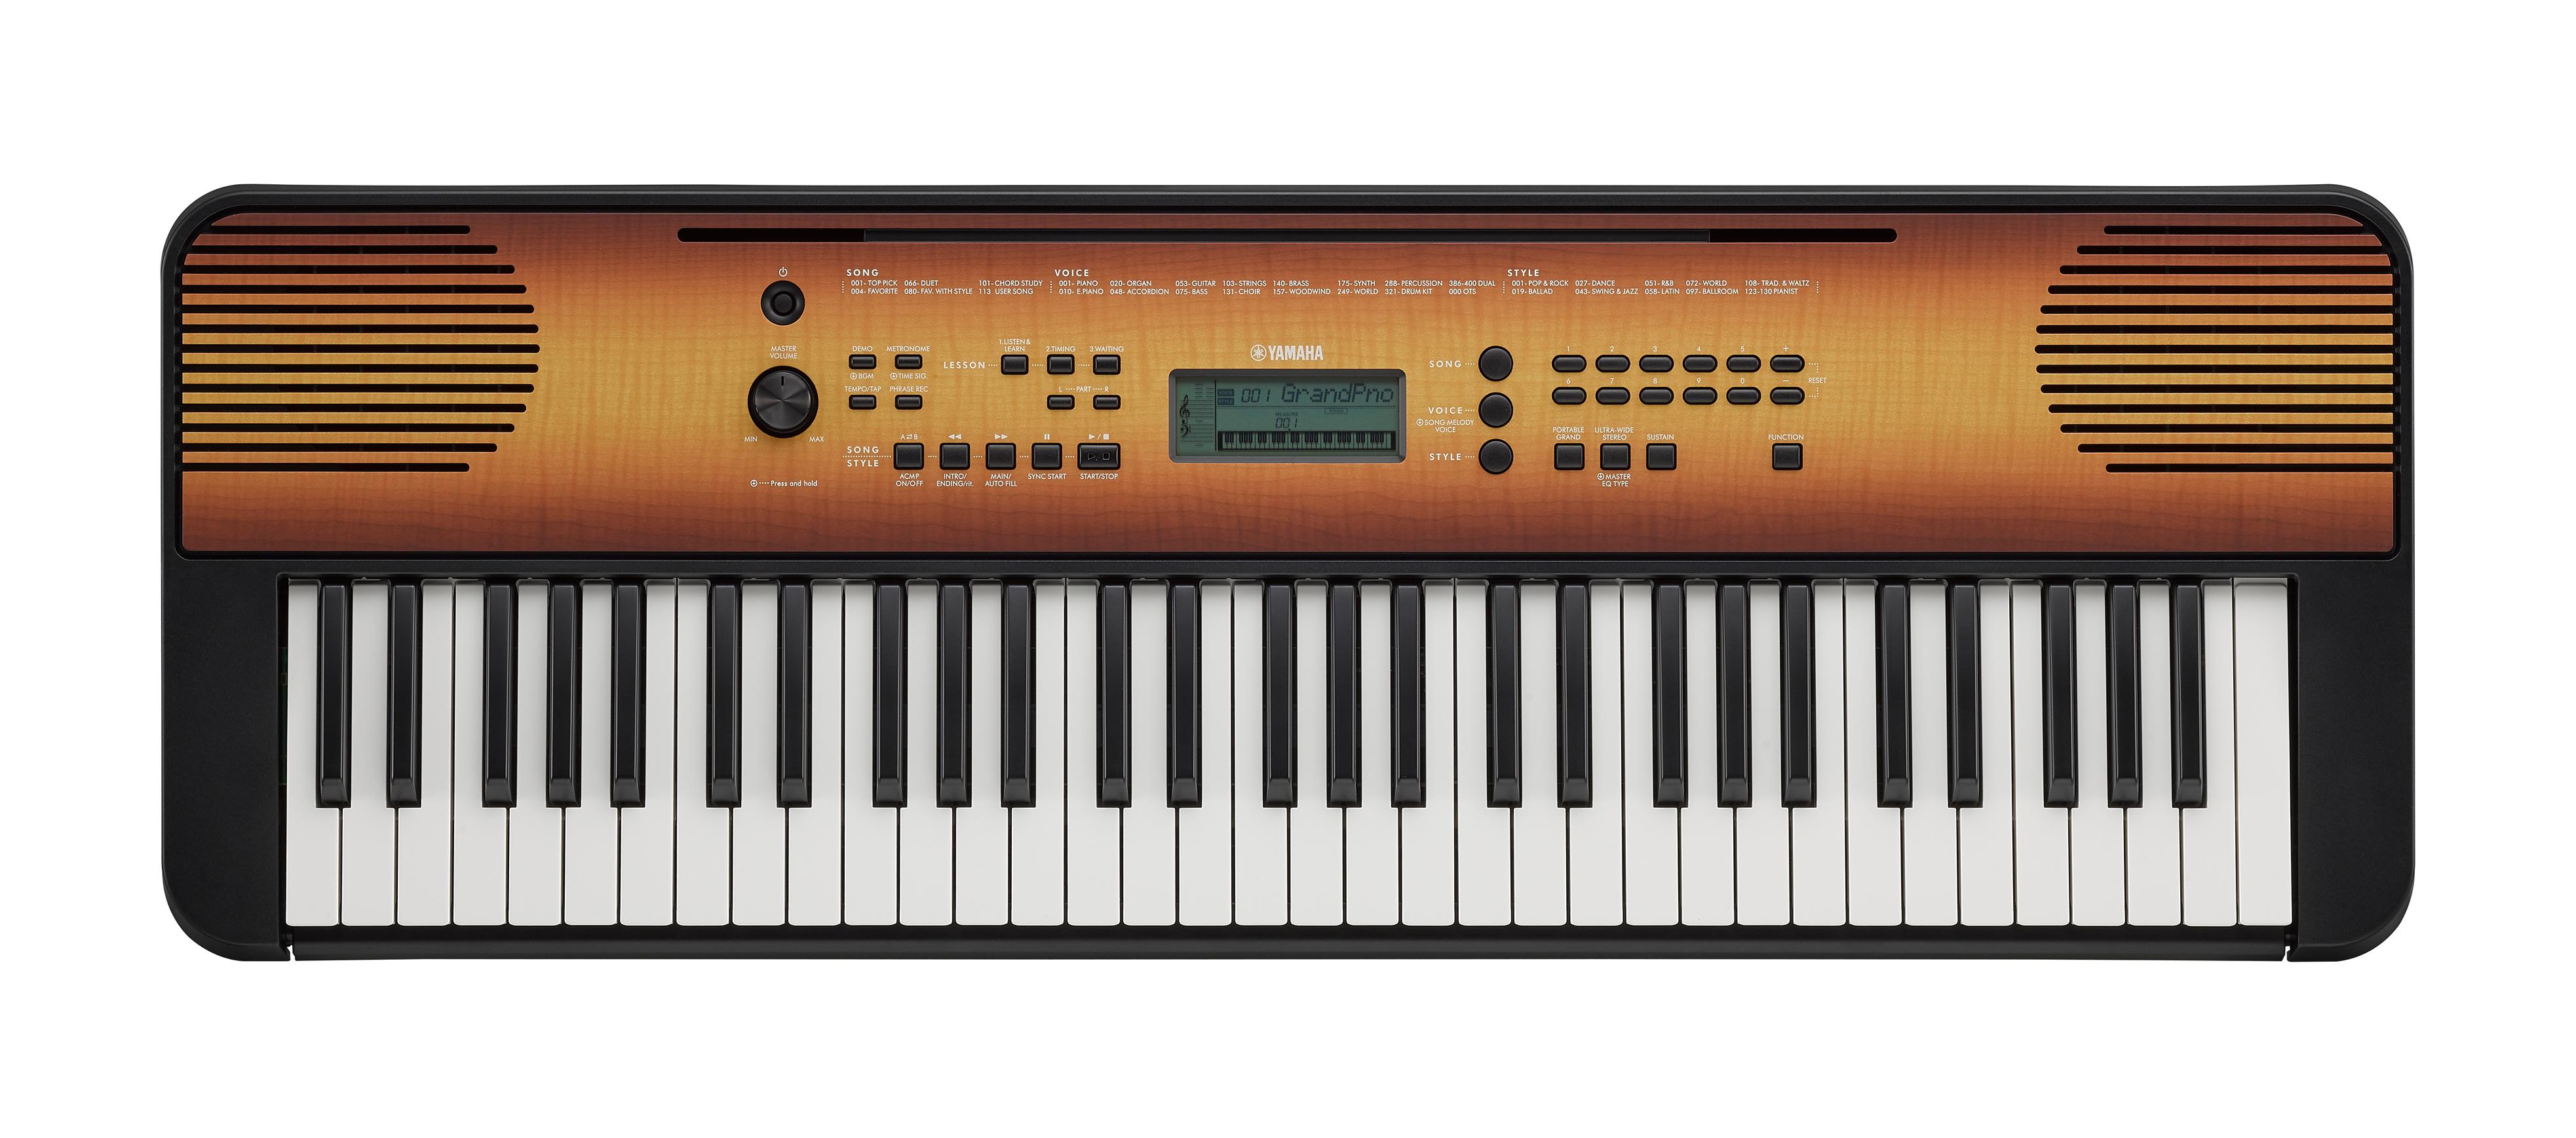 ヤマハPSR-E360 キーボード